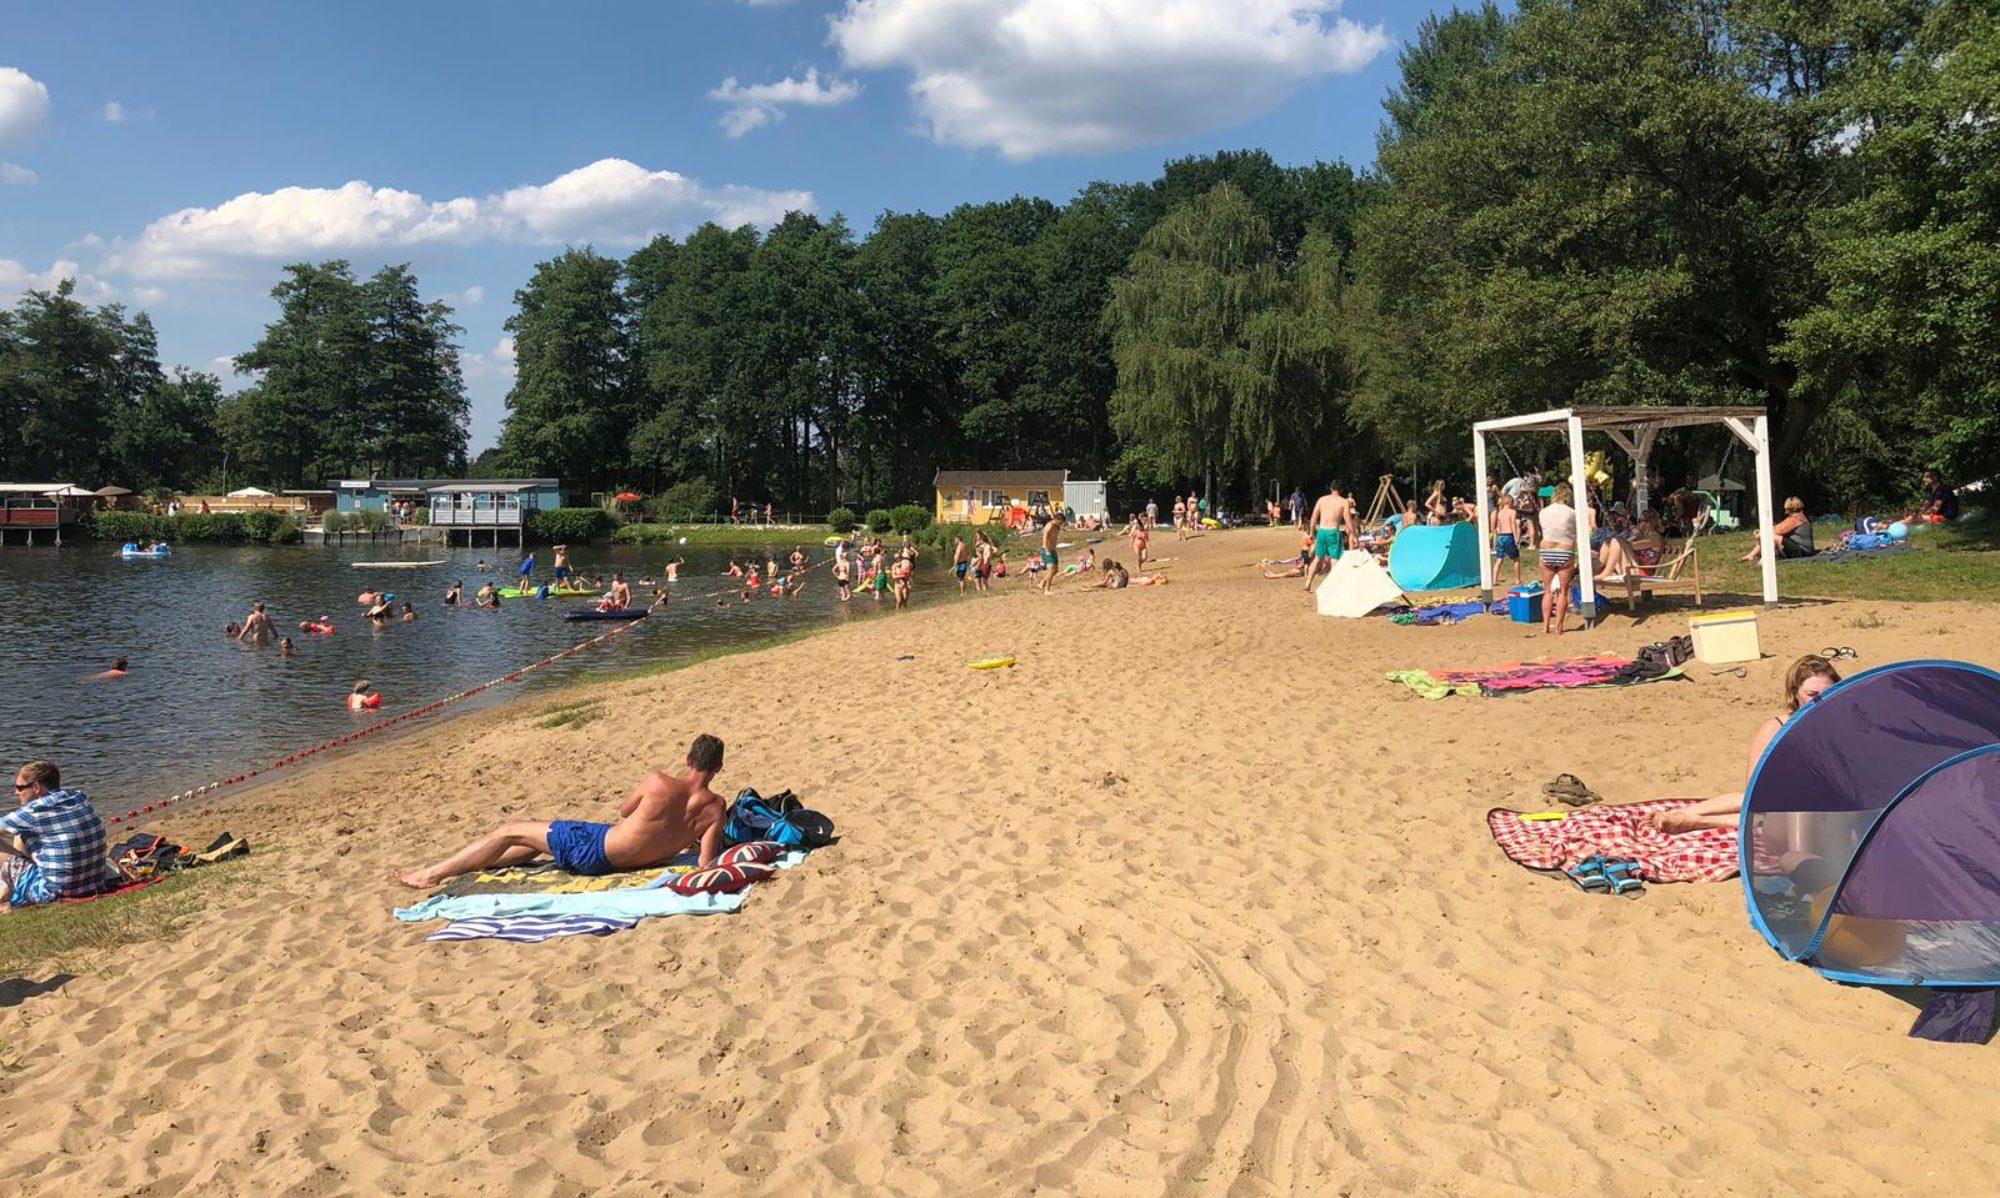 Natels-Heidesee in Bissendorf-Wietze